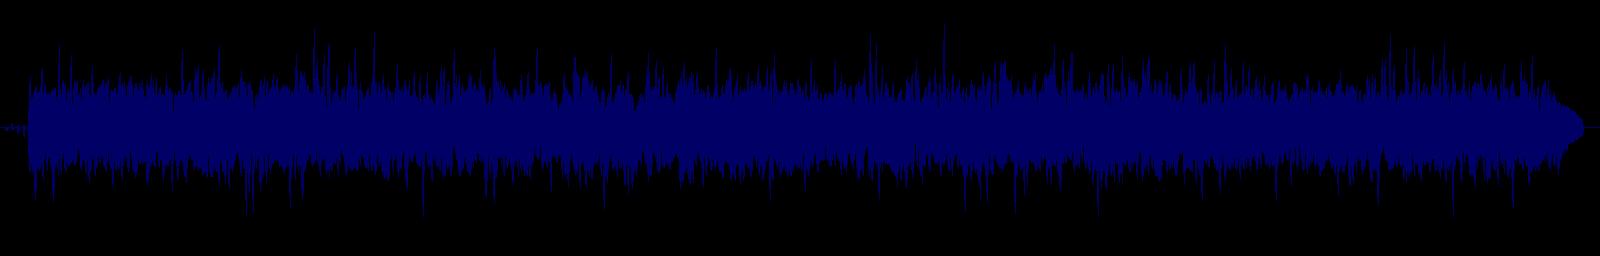 waveform of track #151761